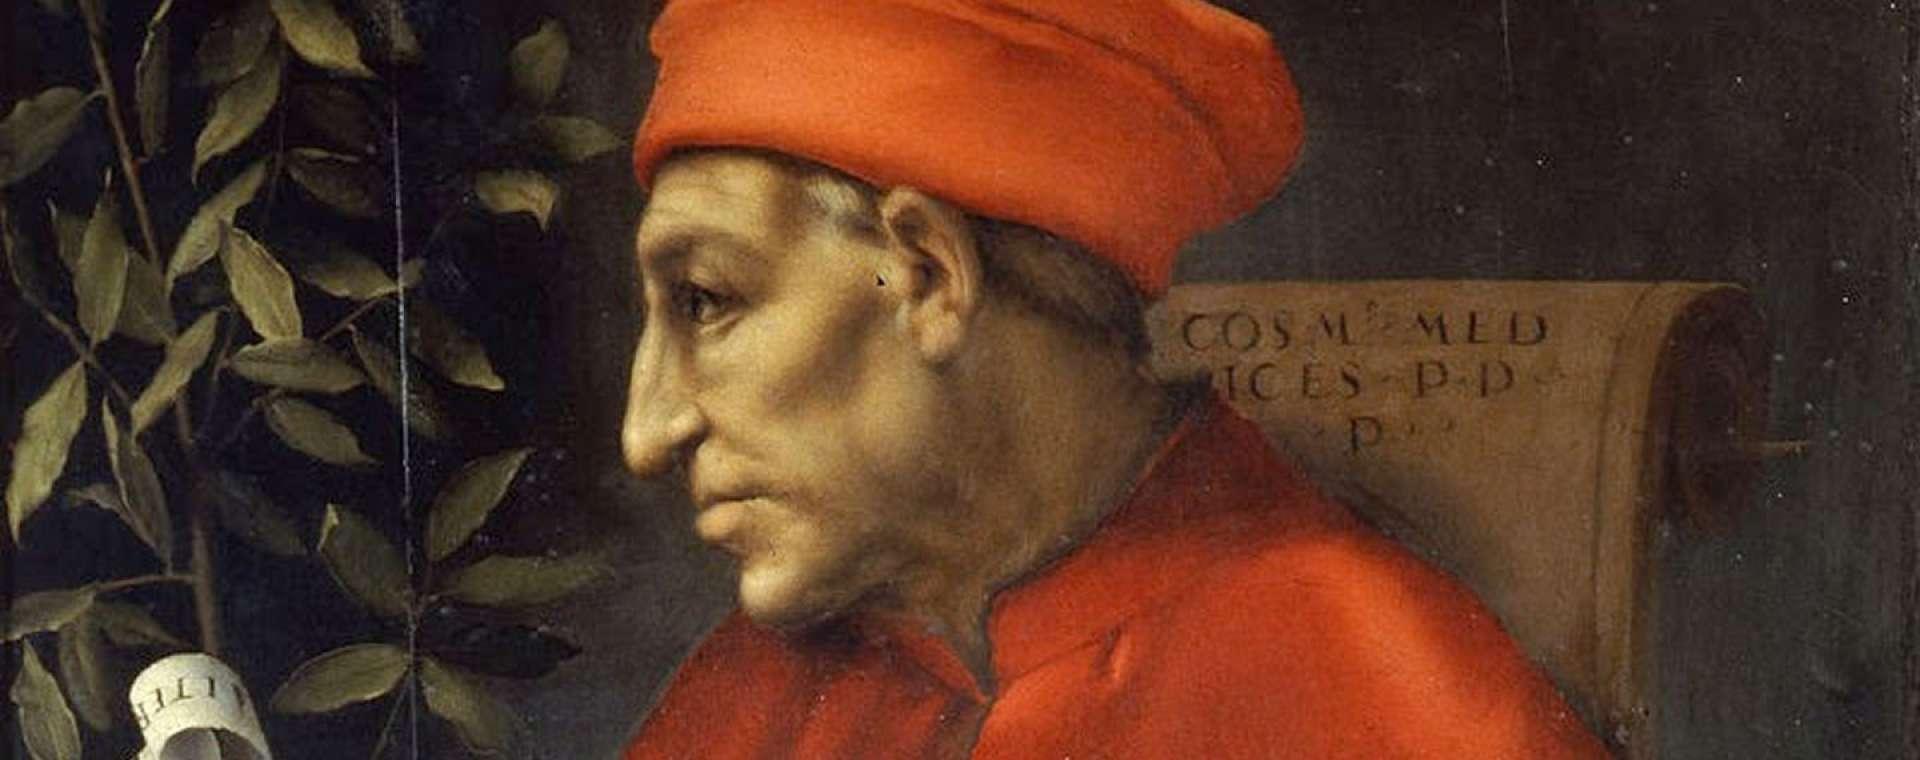 Cosimo de' Medici: Netflix vs. Real Life